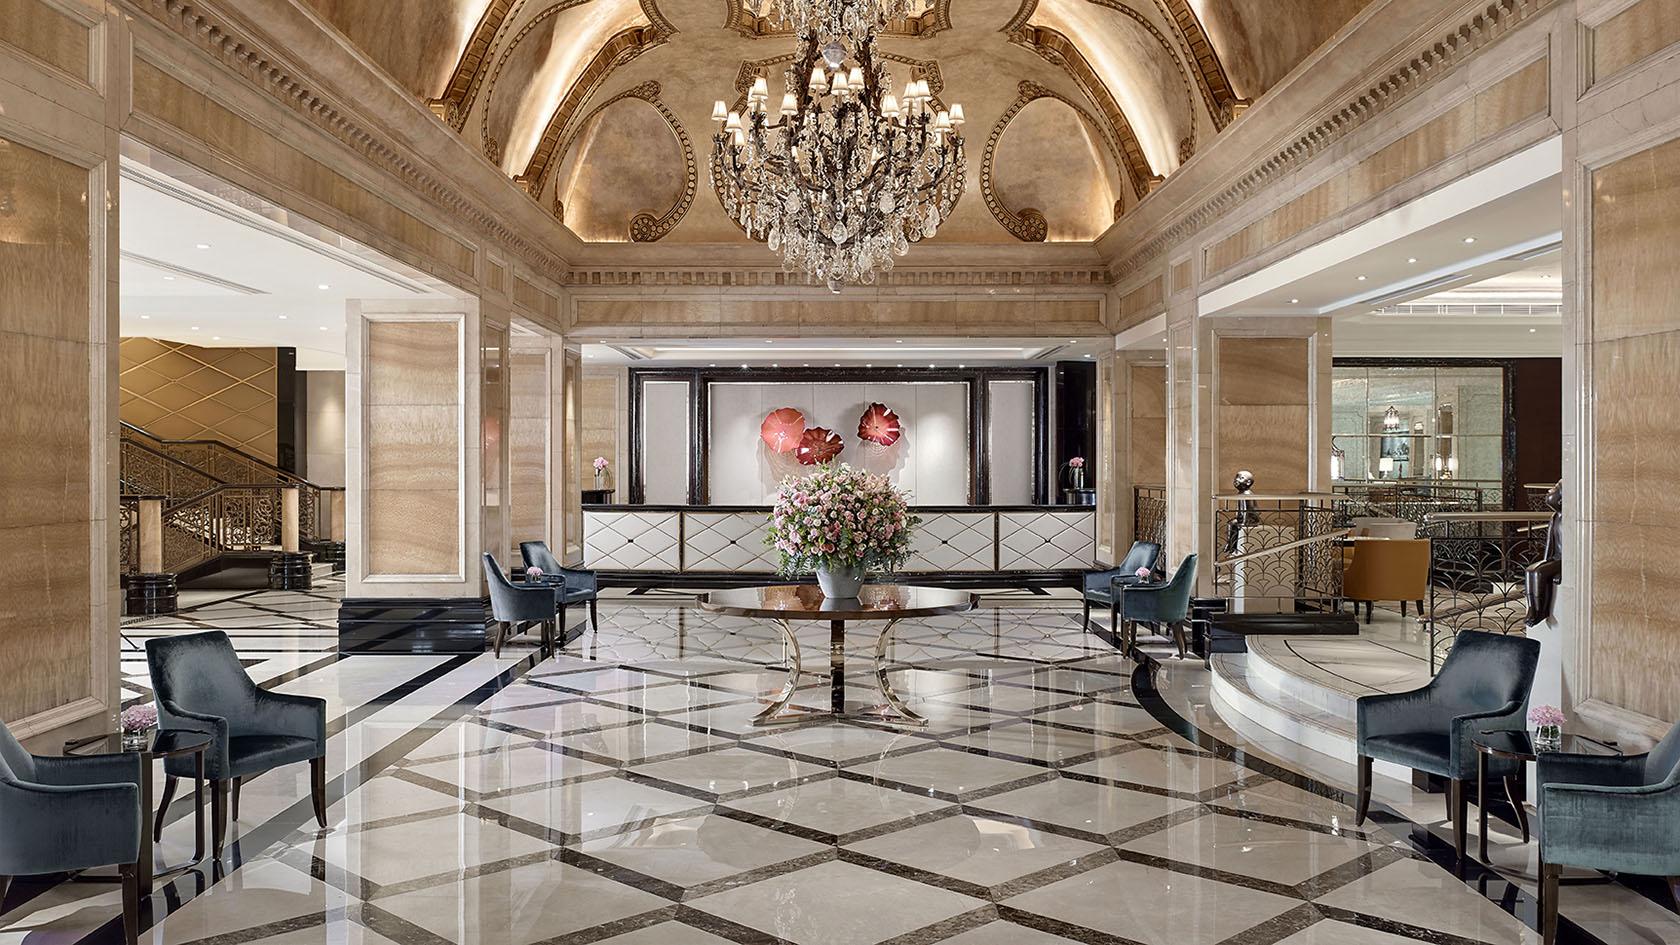 tlhkg-lobby-1680-945.jpg